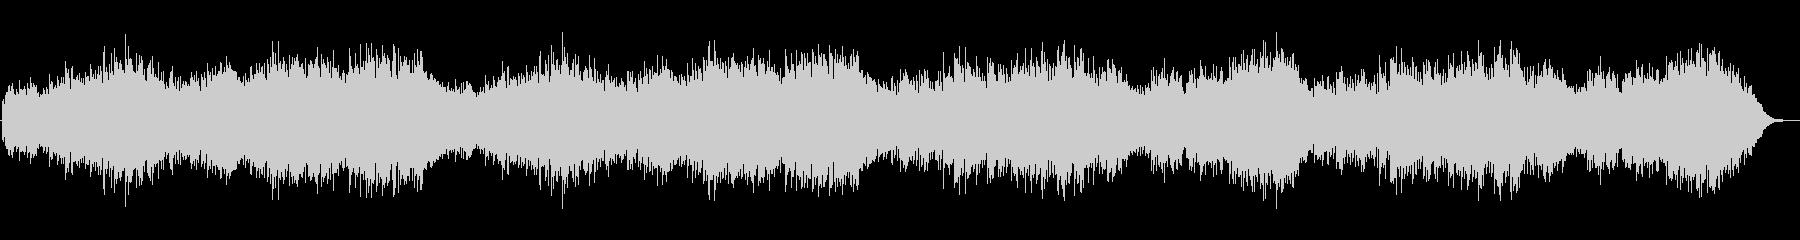 歩く速度でゆったりとしたピアノ曲の未再生の波形